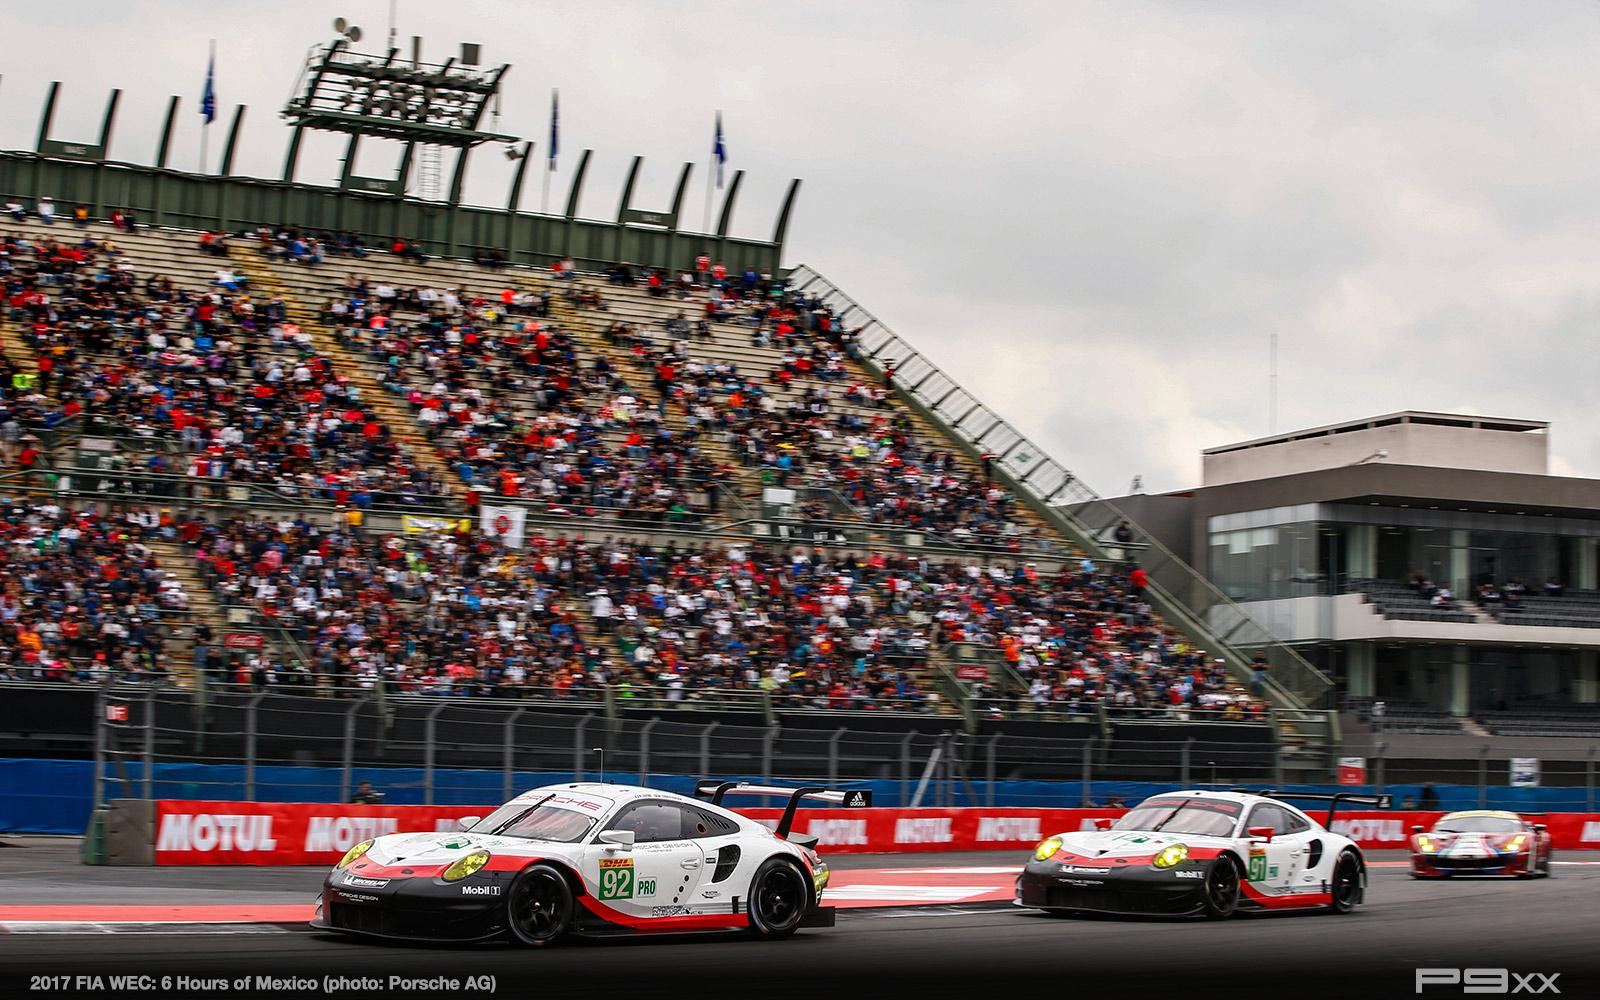 2017-FIA-WEC-6-HOURS-MEXICO-PORSCHE-1349